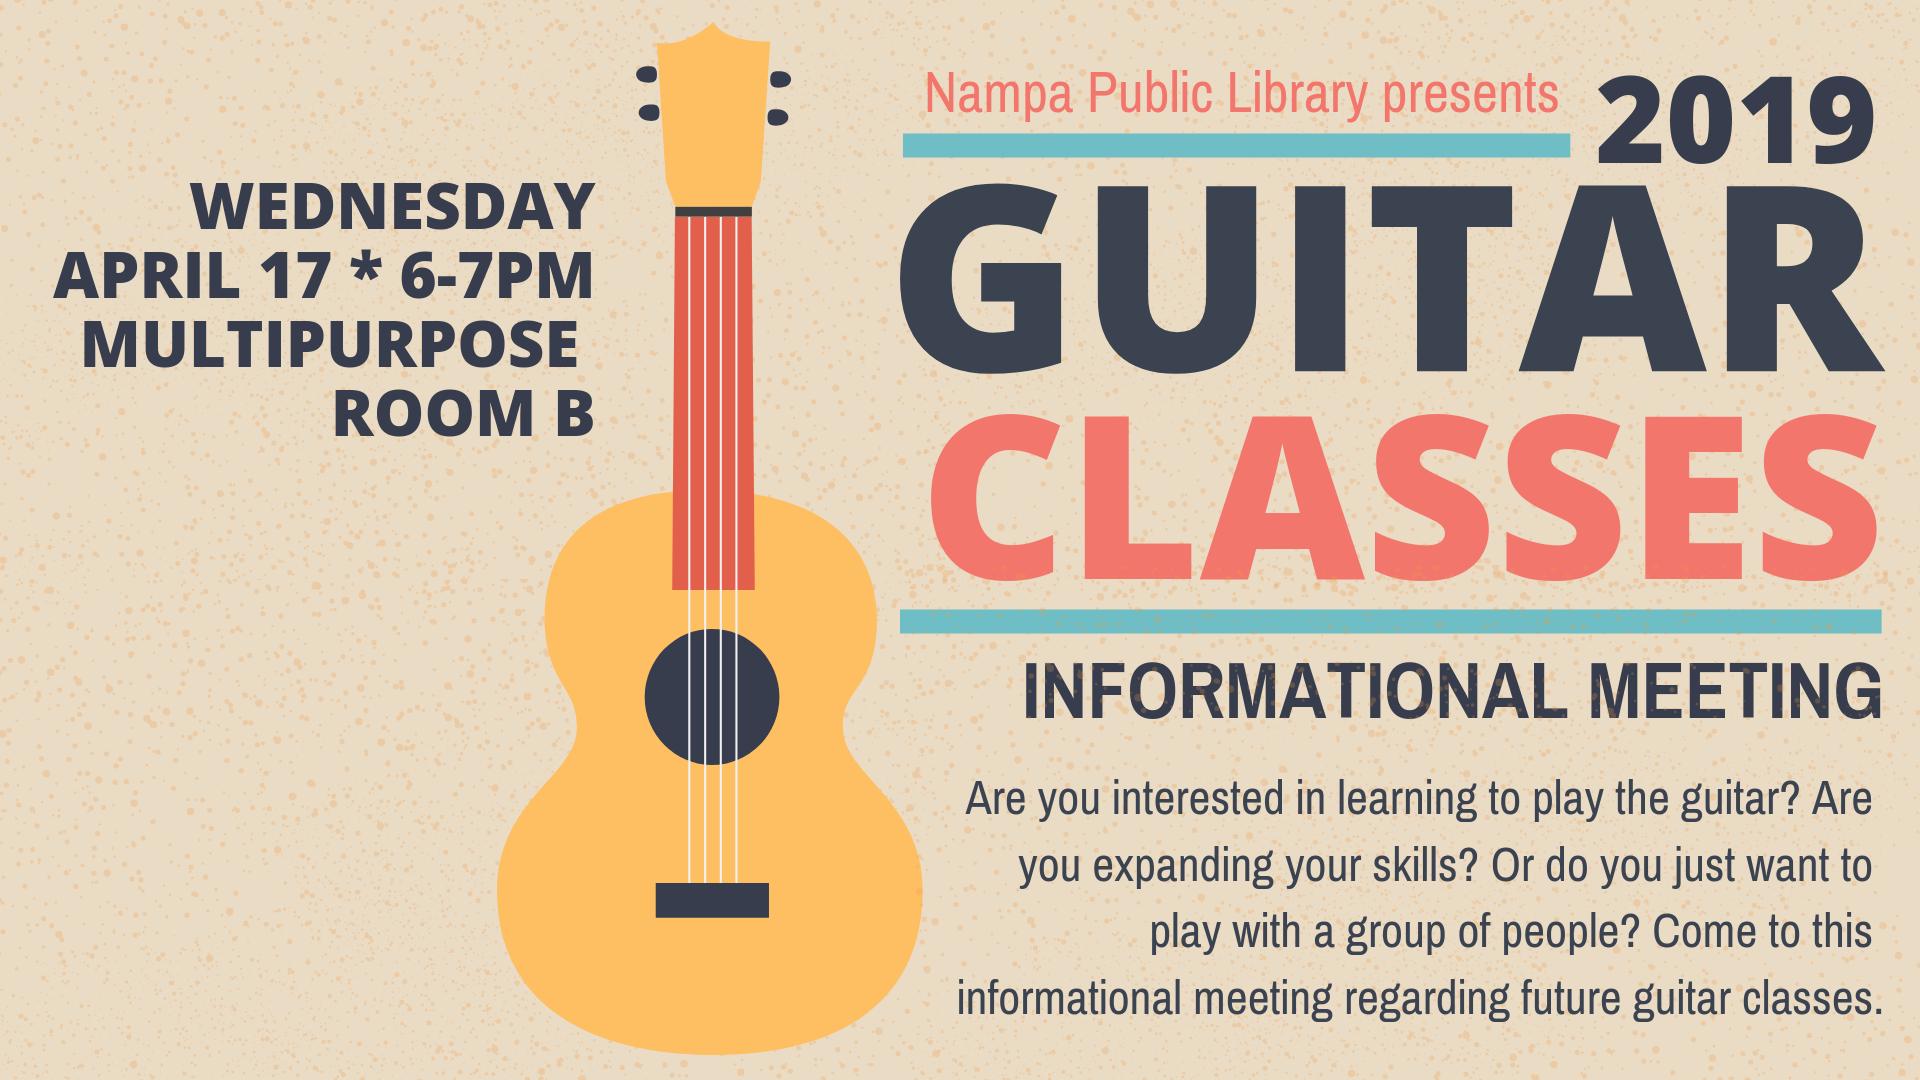 Guitar Classes: Informational Meeting